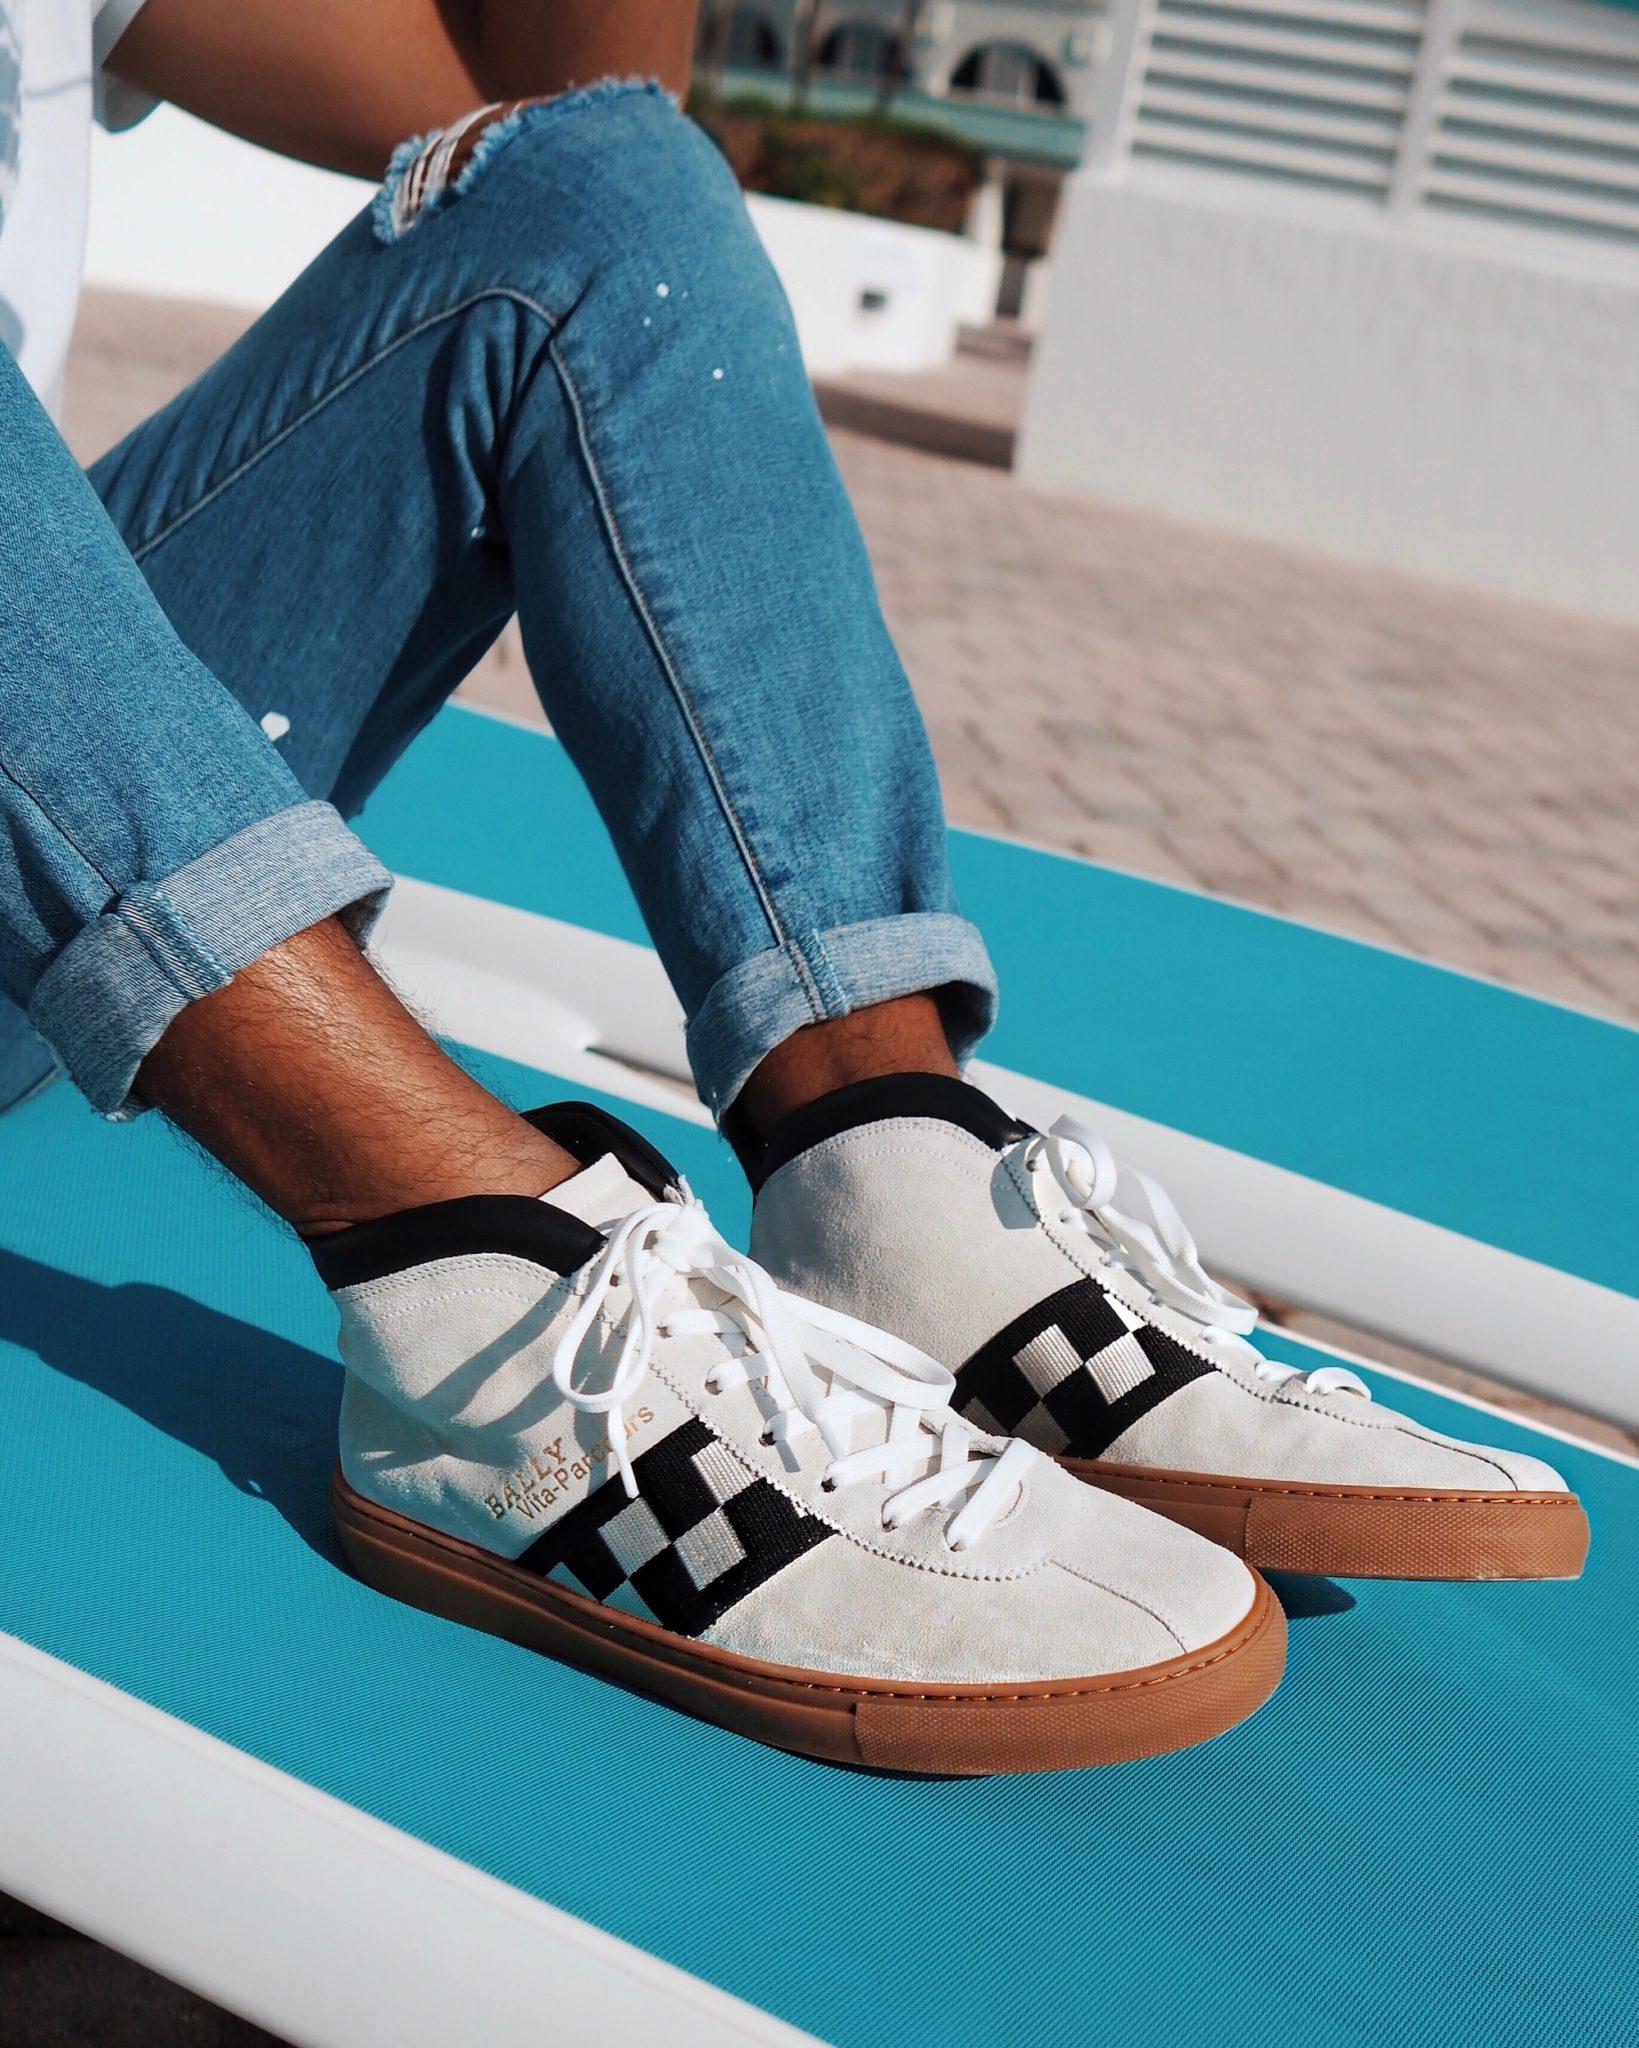 Sun Sea And Sartorial Nostalgia In Miami With Bally Retro Sneakers Alexanderliang Com